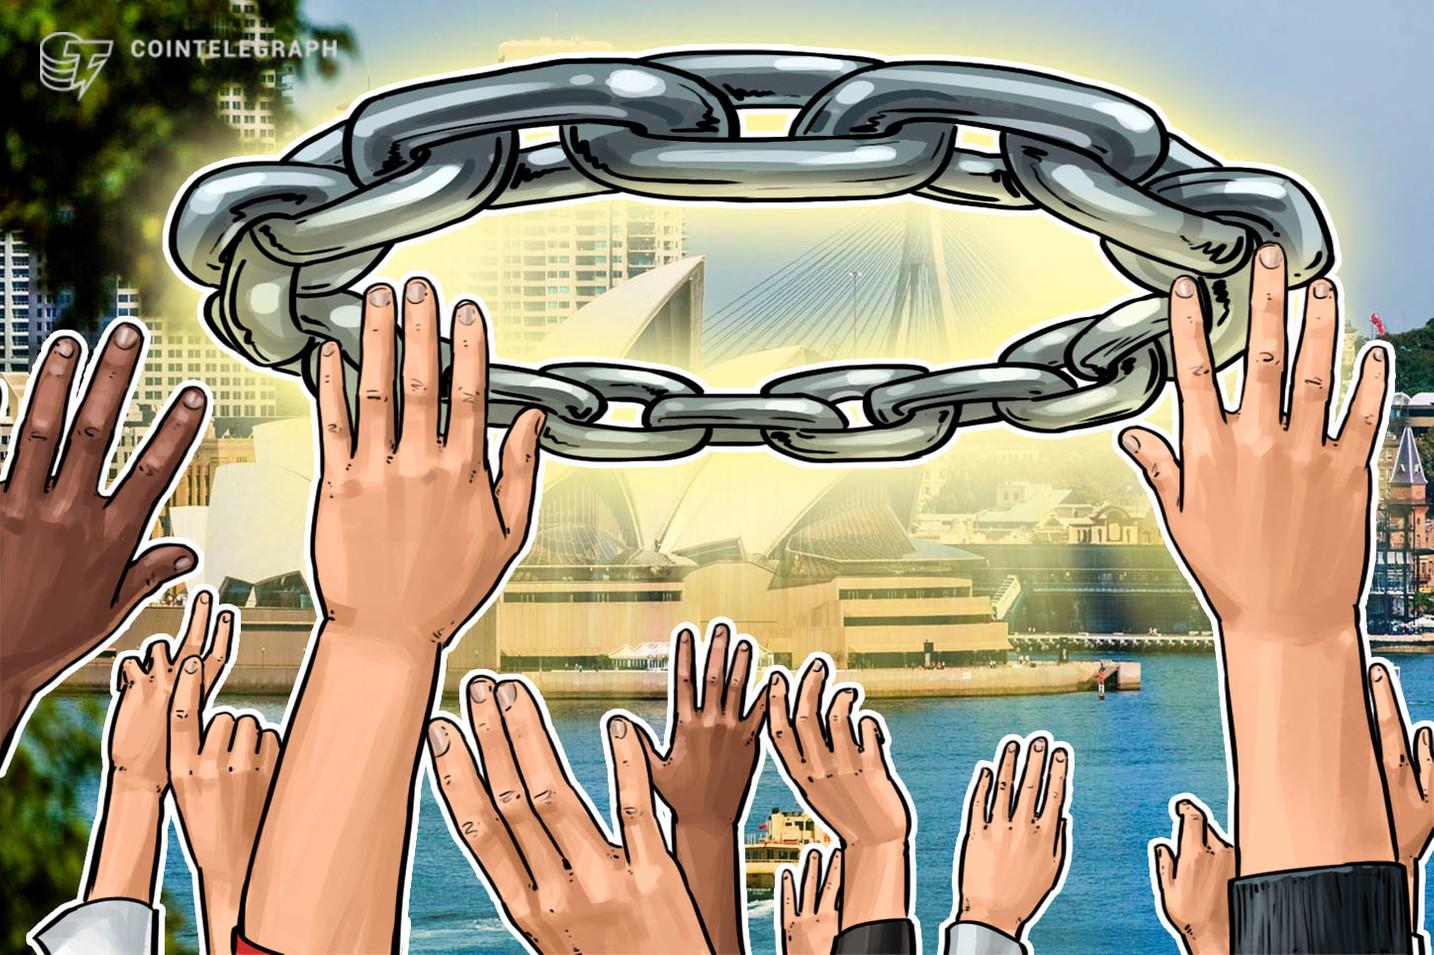 IBM stipula un affare da 740 mln di dollari con il governo australiano per utilizzare la blockchain nella sicurezza dei dati